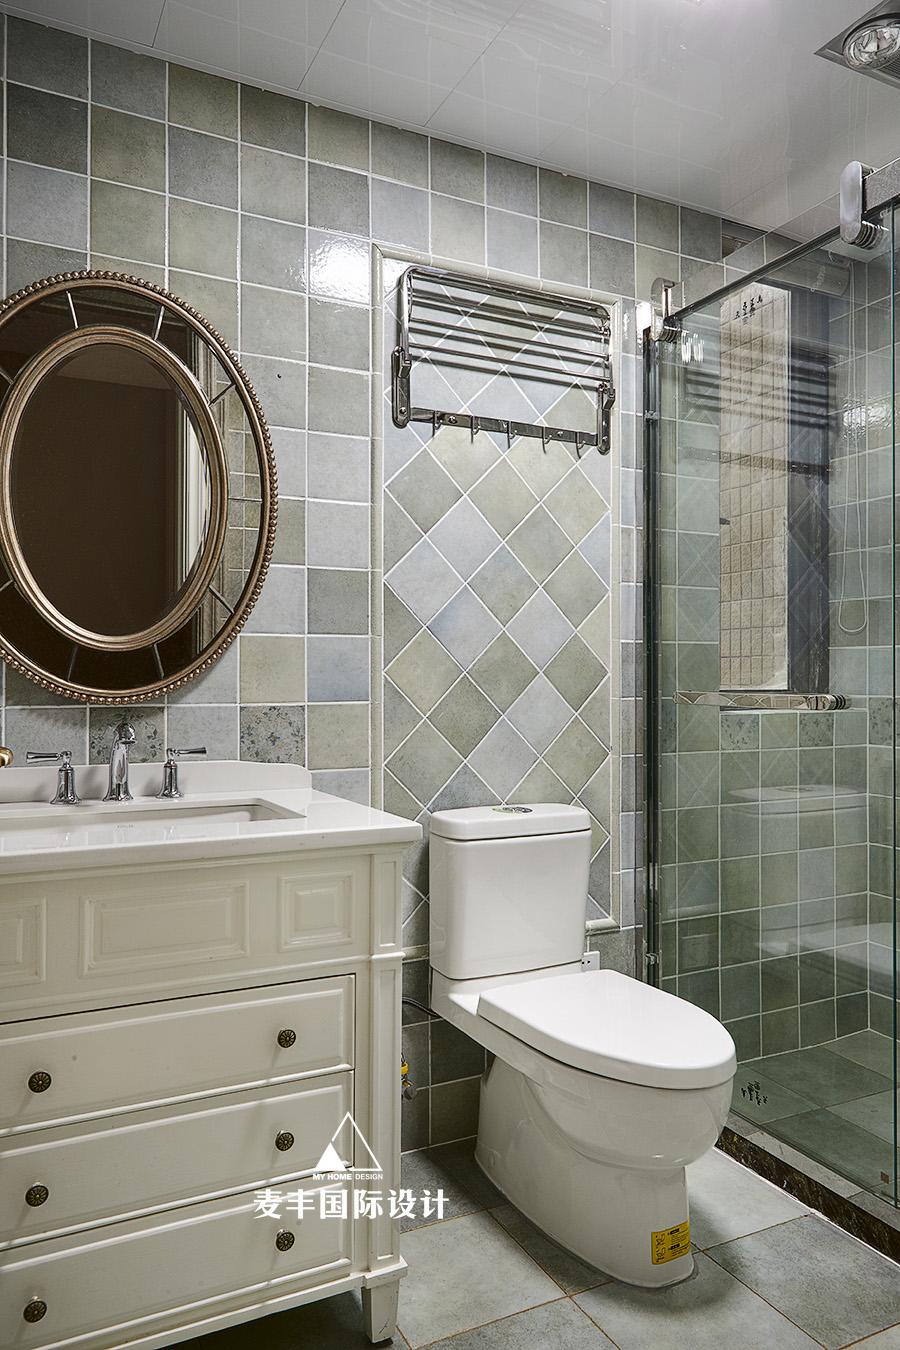 轻奢113平混搭三居卫生间装修图卫生间马桶潮流混搭卫生间设计图片赏析